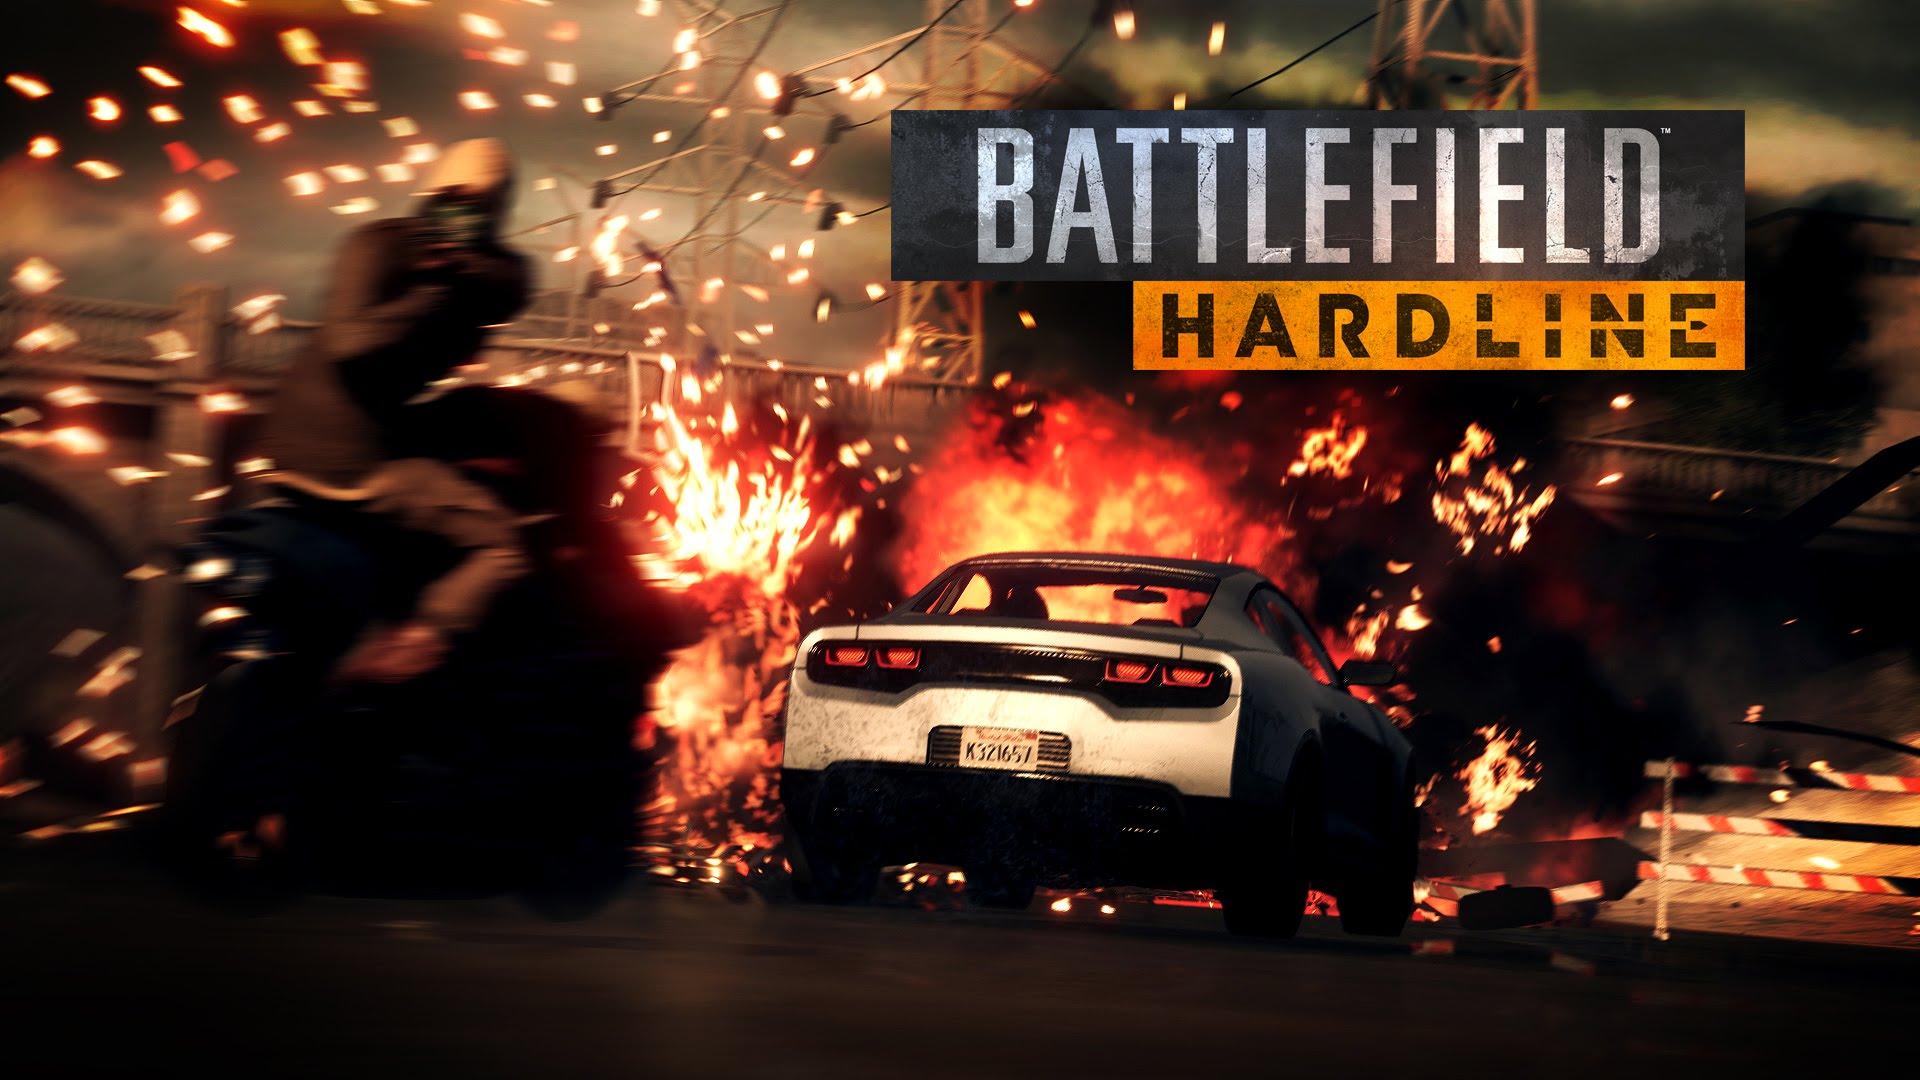 『バトルフィールド ハードライン』最新ゲームプレイトレーラー「Karma」公開